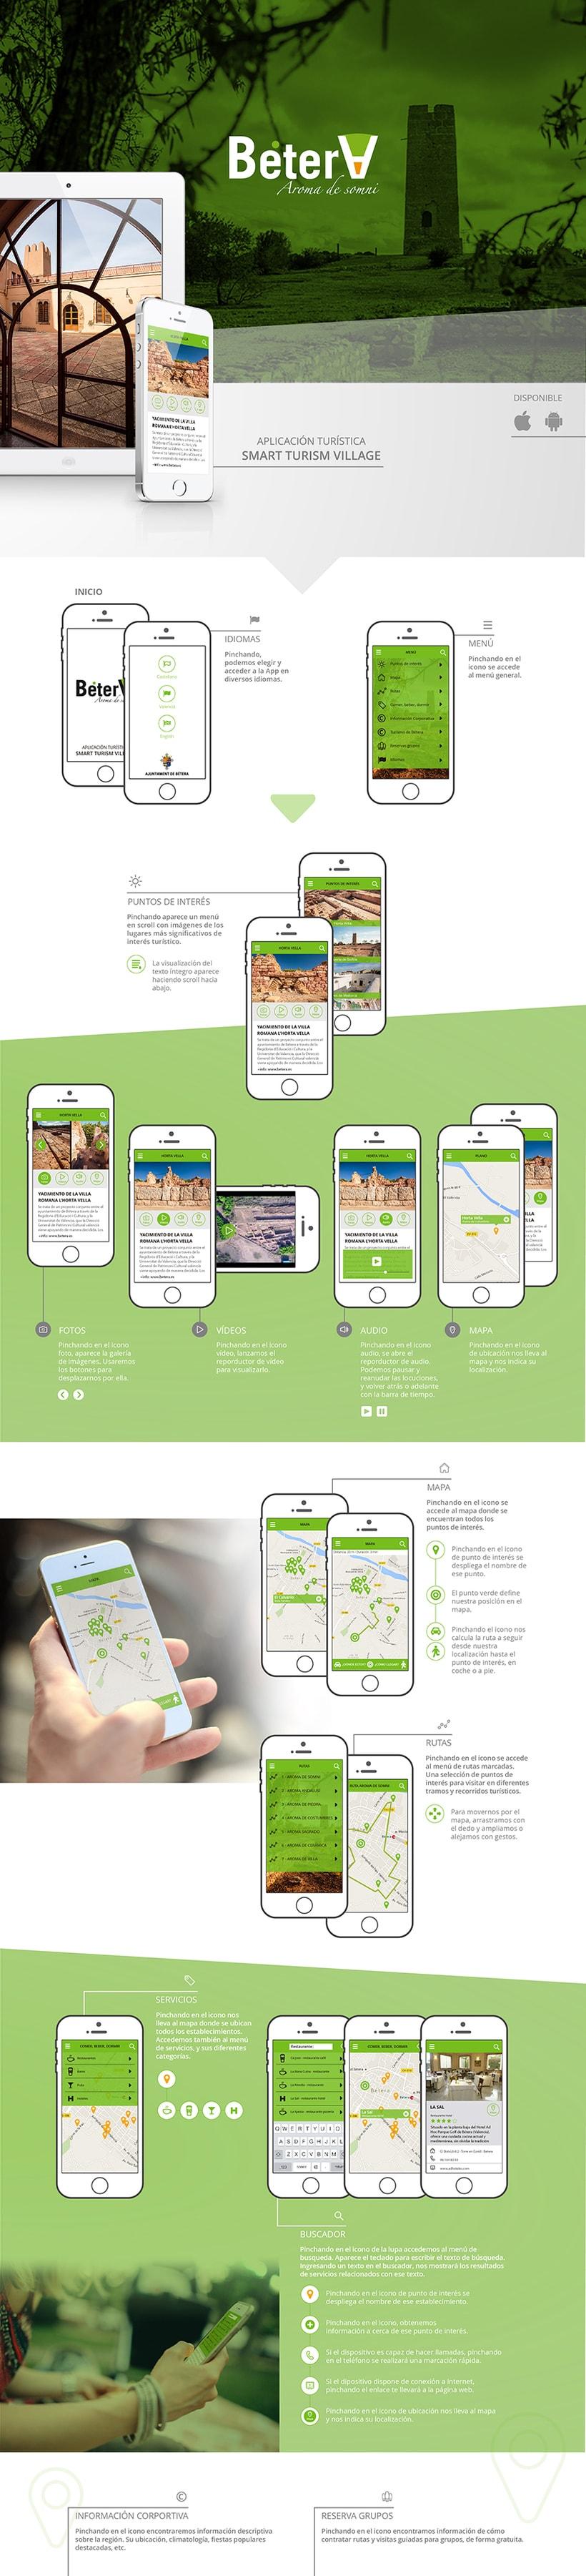 App Turismo de Bétera 0